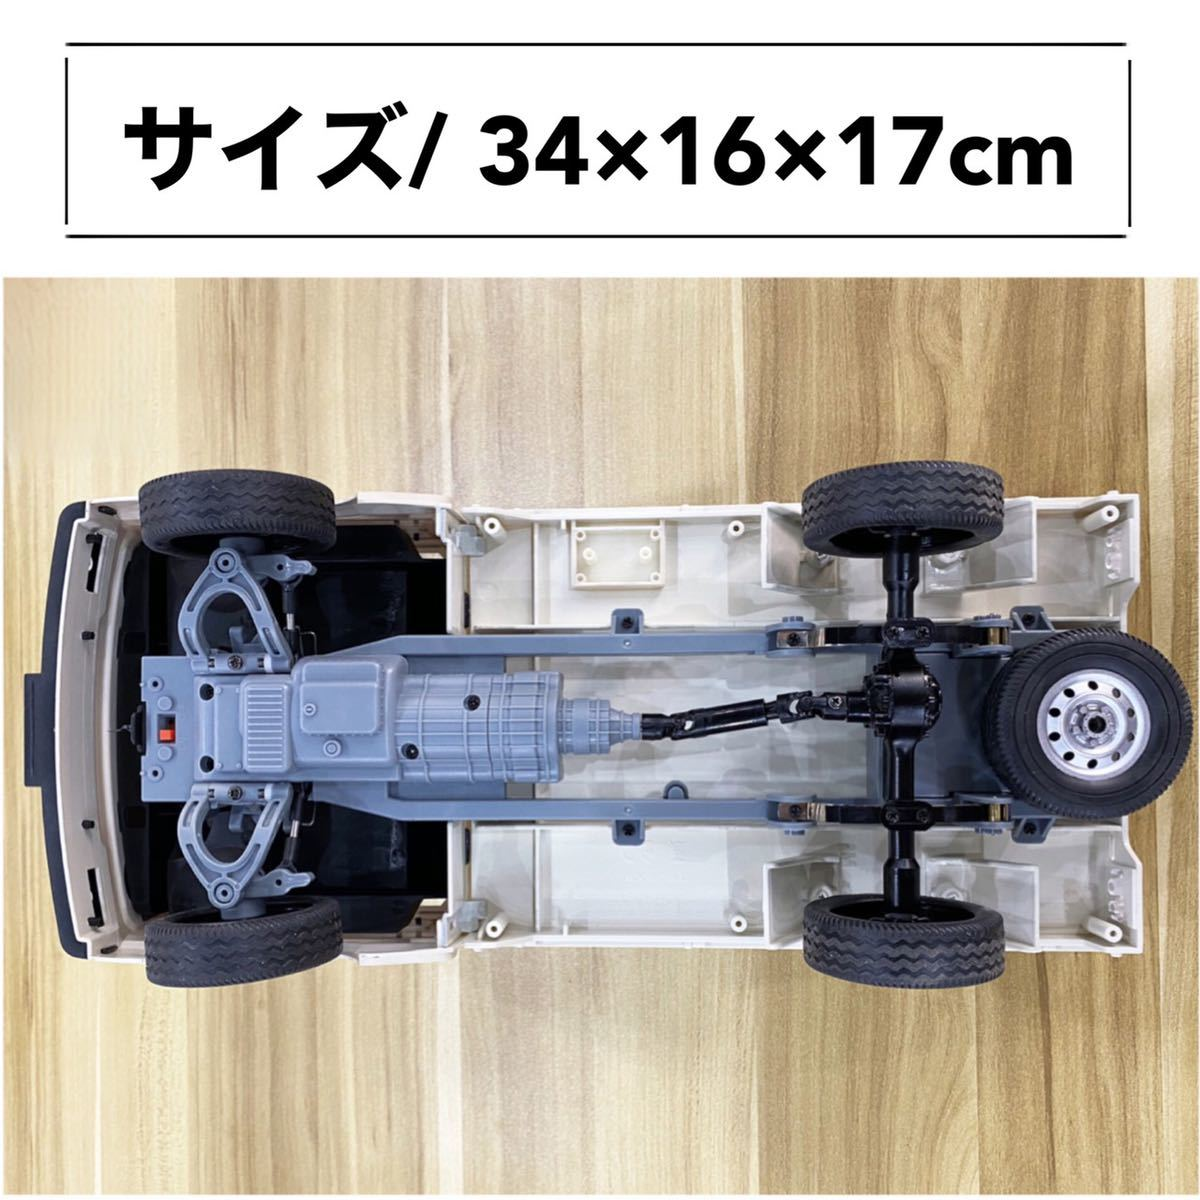 WPL 軽トラ ラジコンカー 1/10 全2種 RTR ミッドシップ MR 軽トラック RC 車 トラック 2WD リヤ駆動 D-12型 バッテリー付 ドリフト可能_画像3